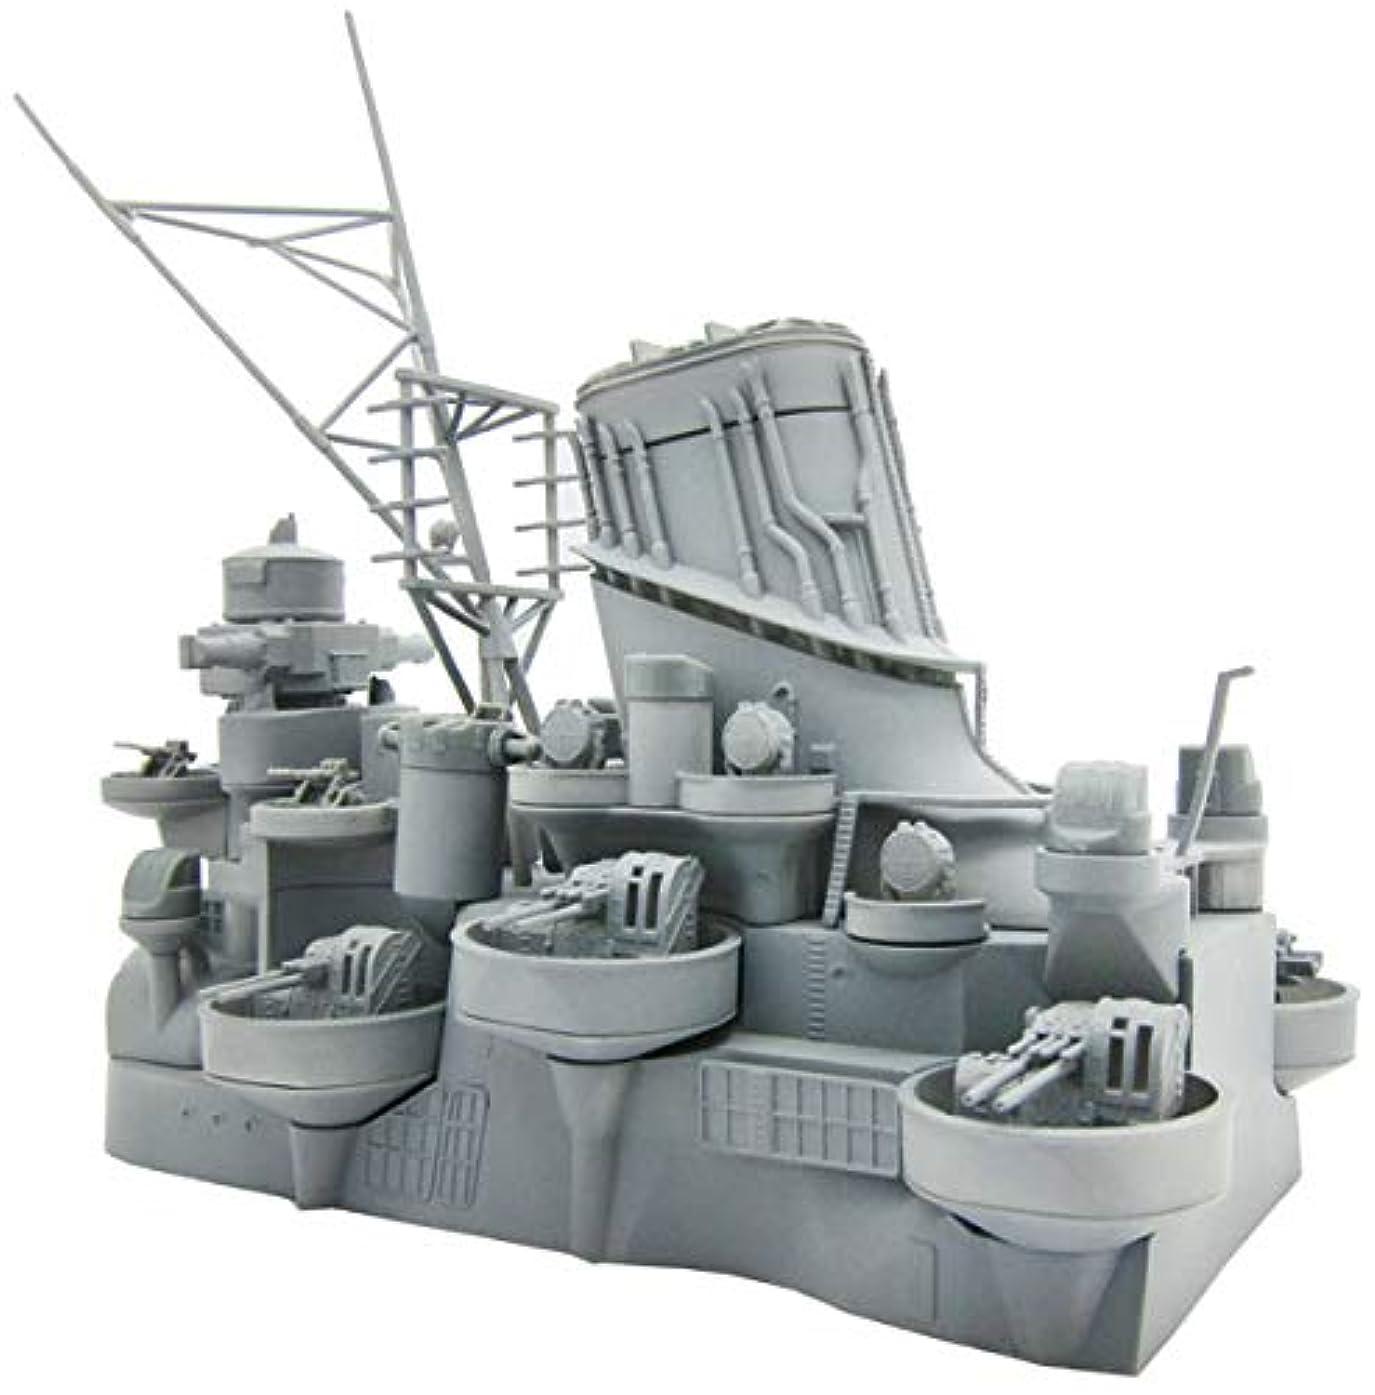 モンスターチェス擬人化フジミ模型 1/200 集める装備品シリーズ No.4 戦艦大和 中央構造 色分け済み プラモデル 装備品4